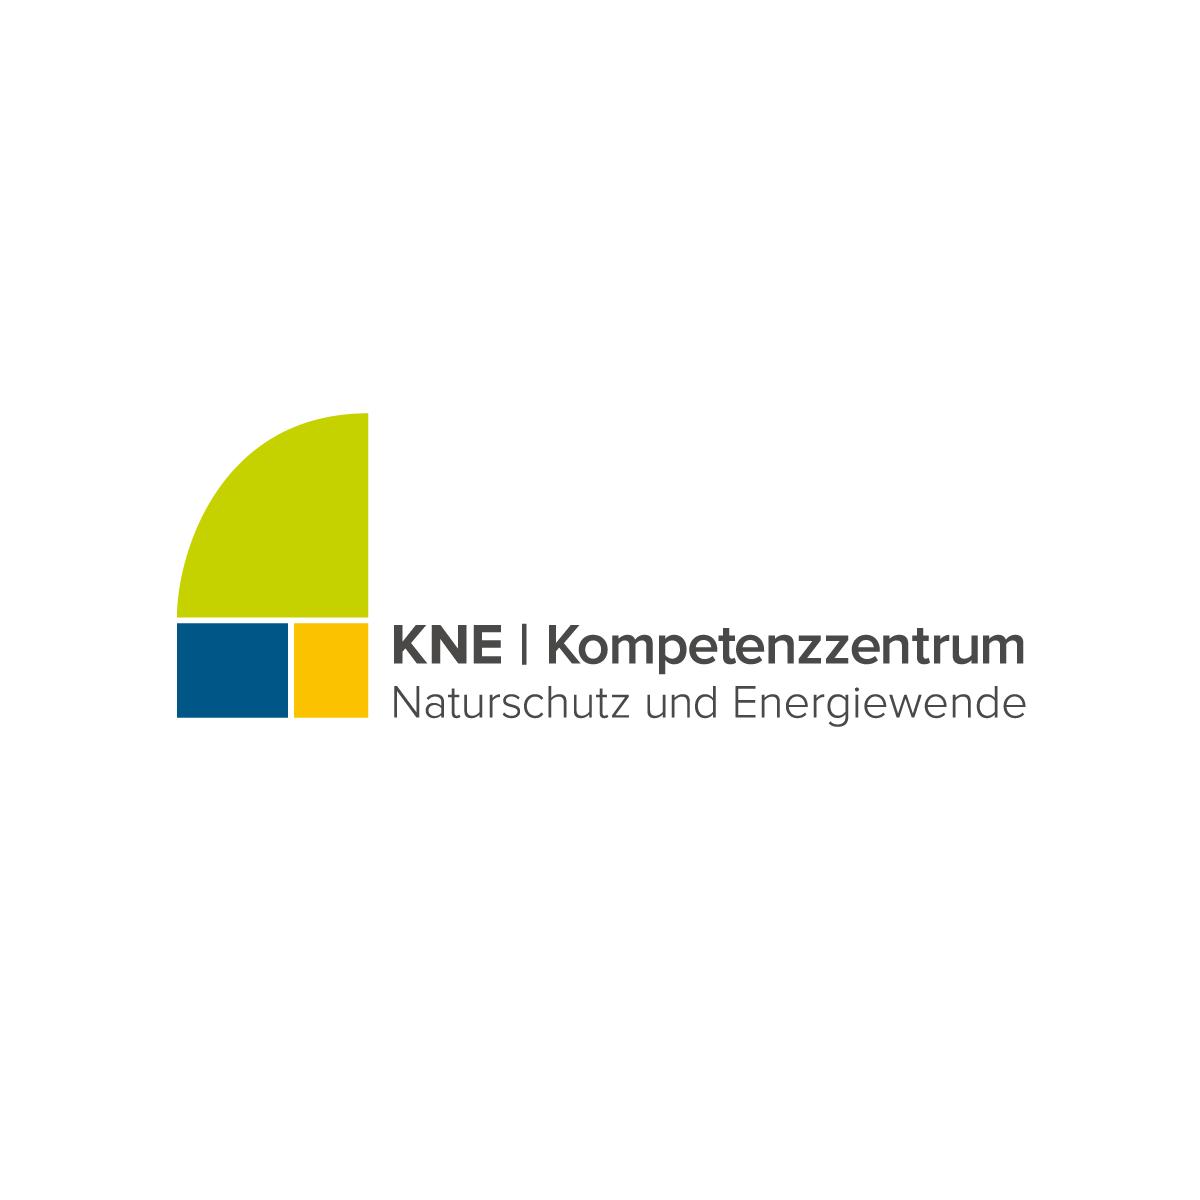 Kompetenzzentrum Naturschutz und Energiewende KNE gGmbH